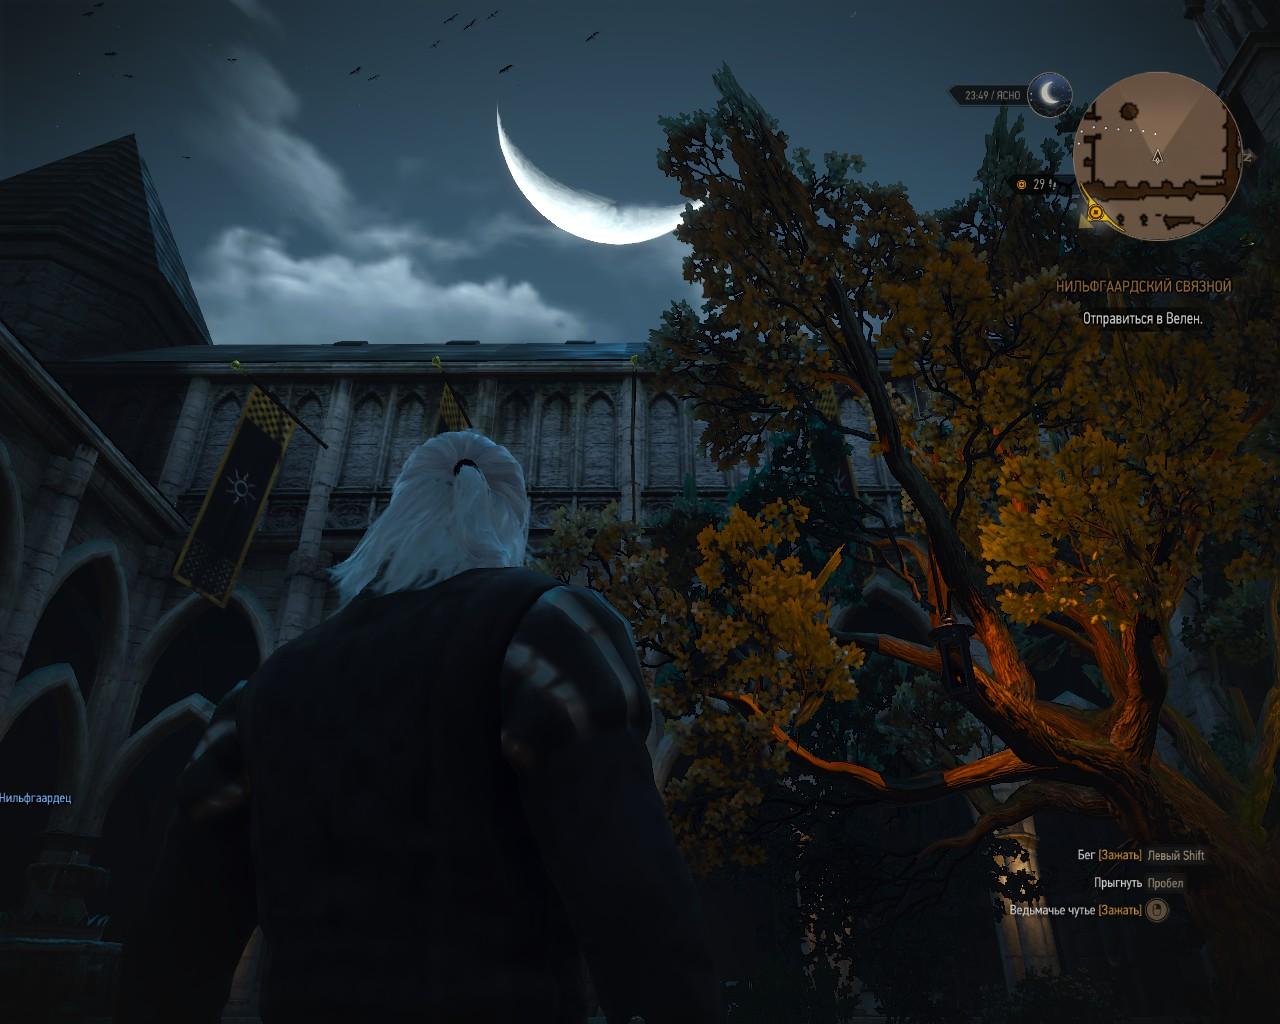 20181002123110_1.jpg - Witcher 3: Wild Hunt, the